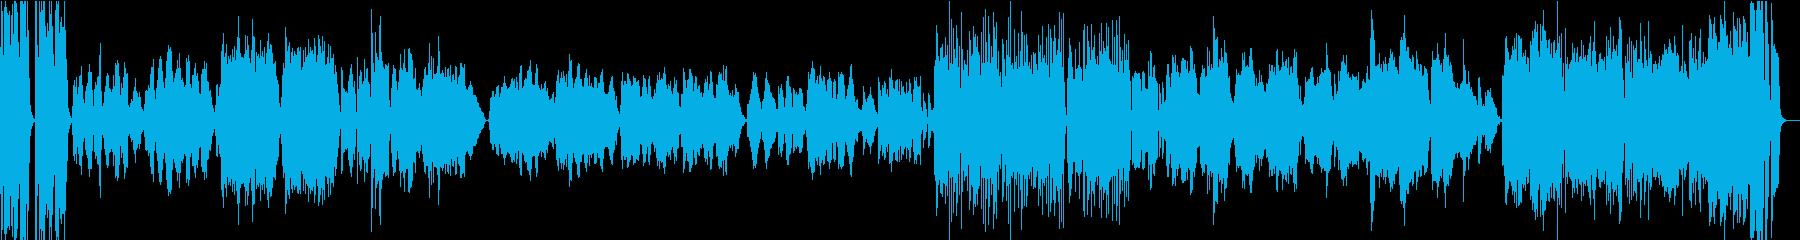 【生演奏バイオリン】埴生の宿変奏曲の再生済みの波形